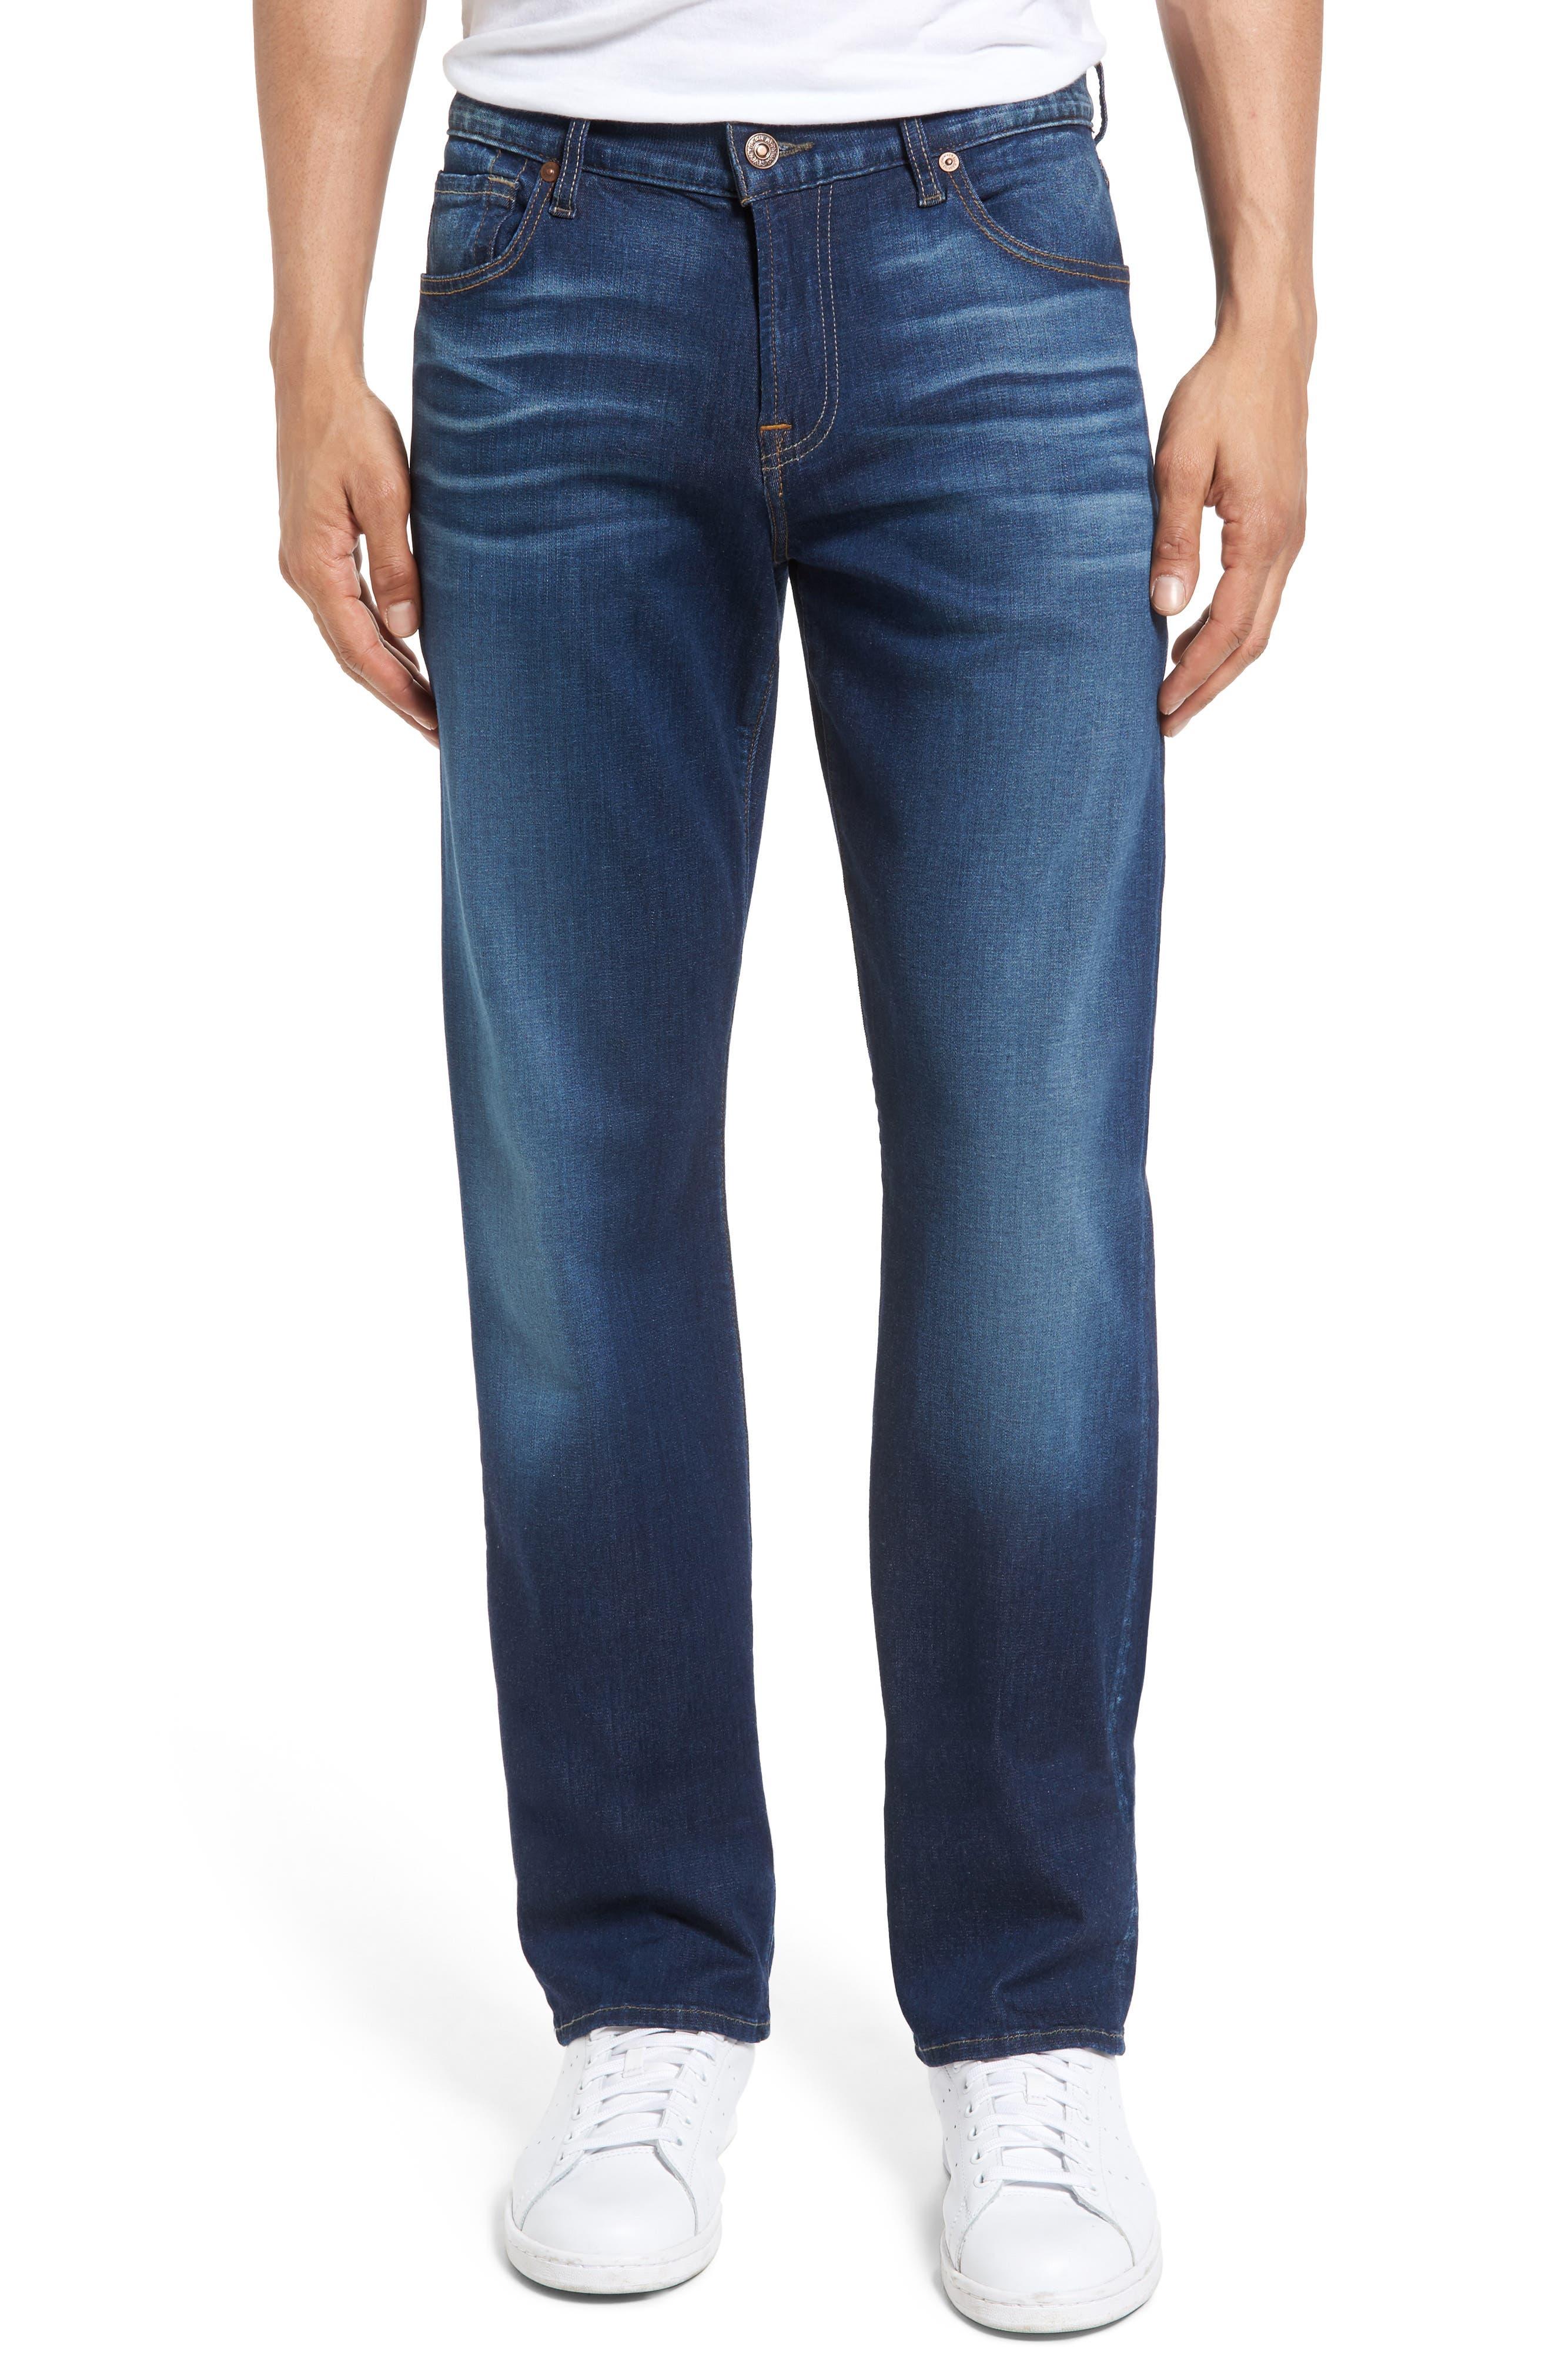 Slimmy Slim Fit Jeans,                             Main thumbnail 1, color,                             406